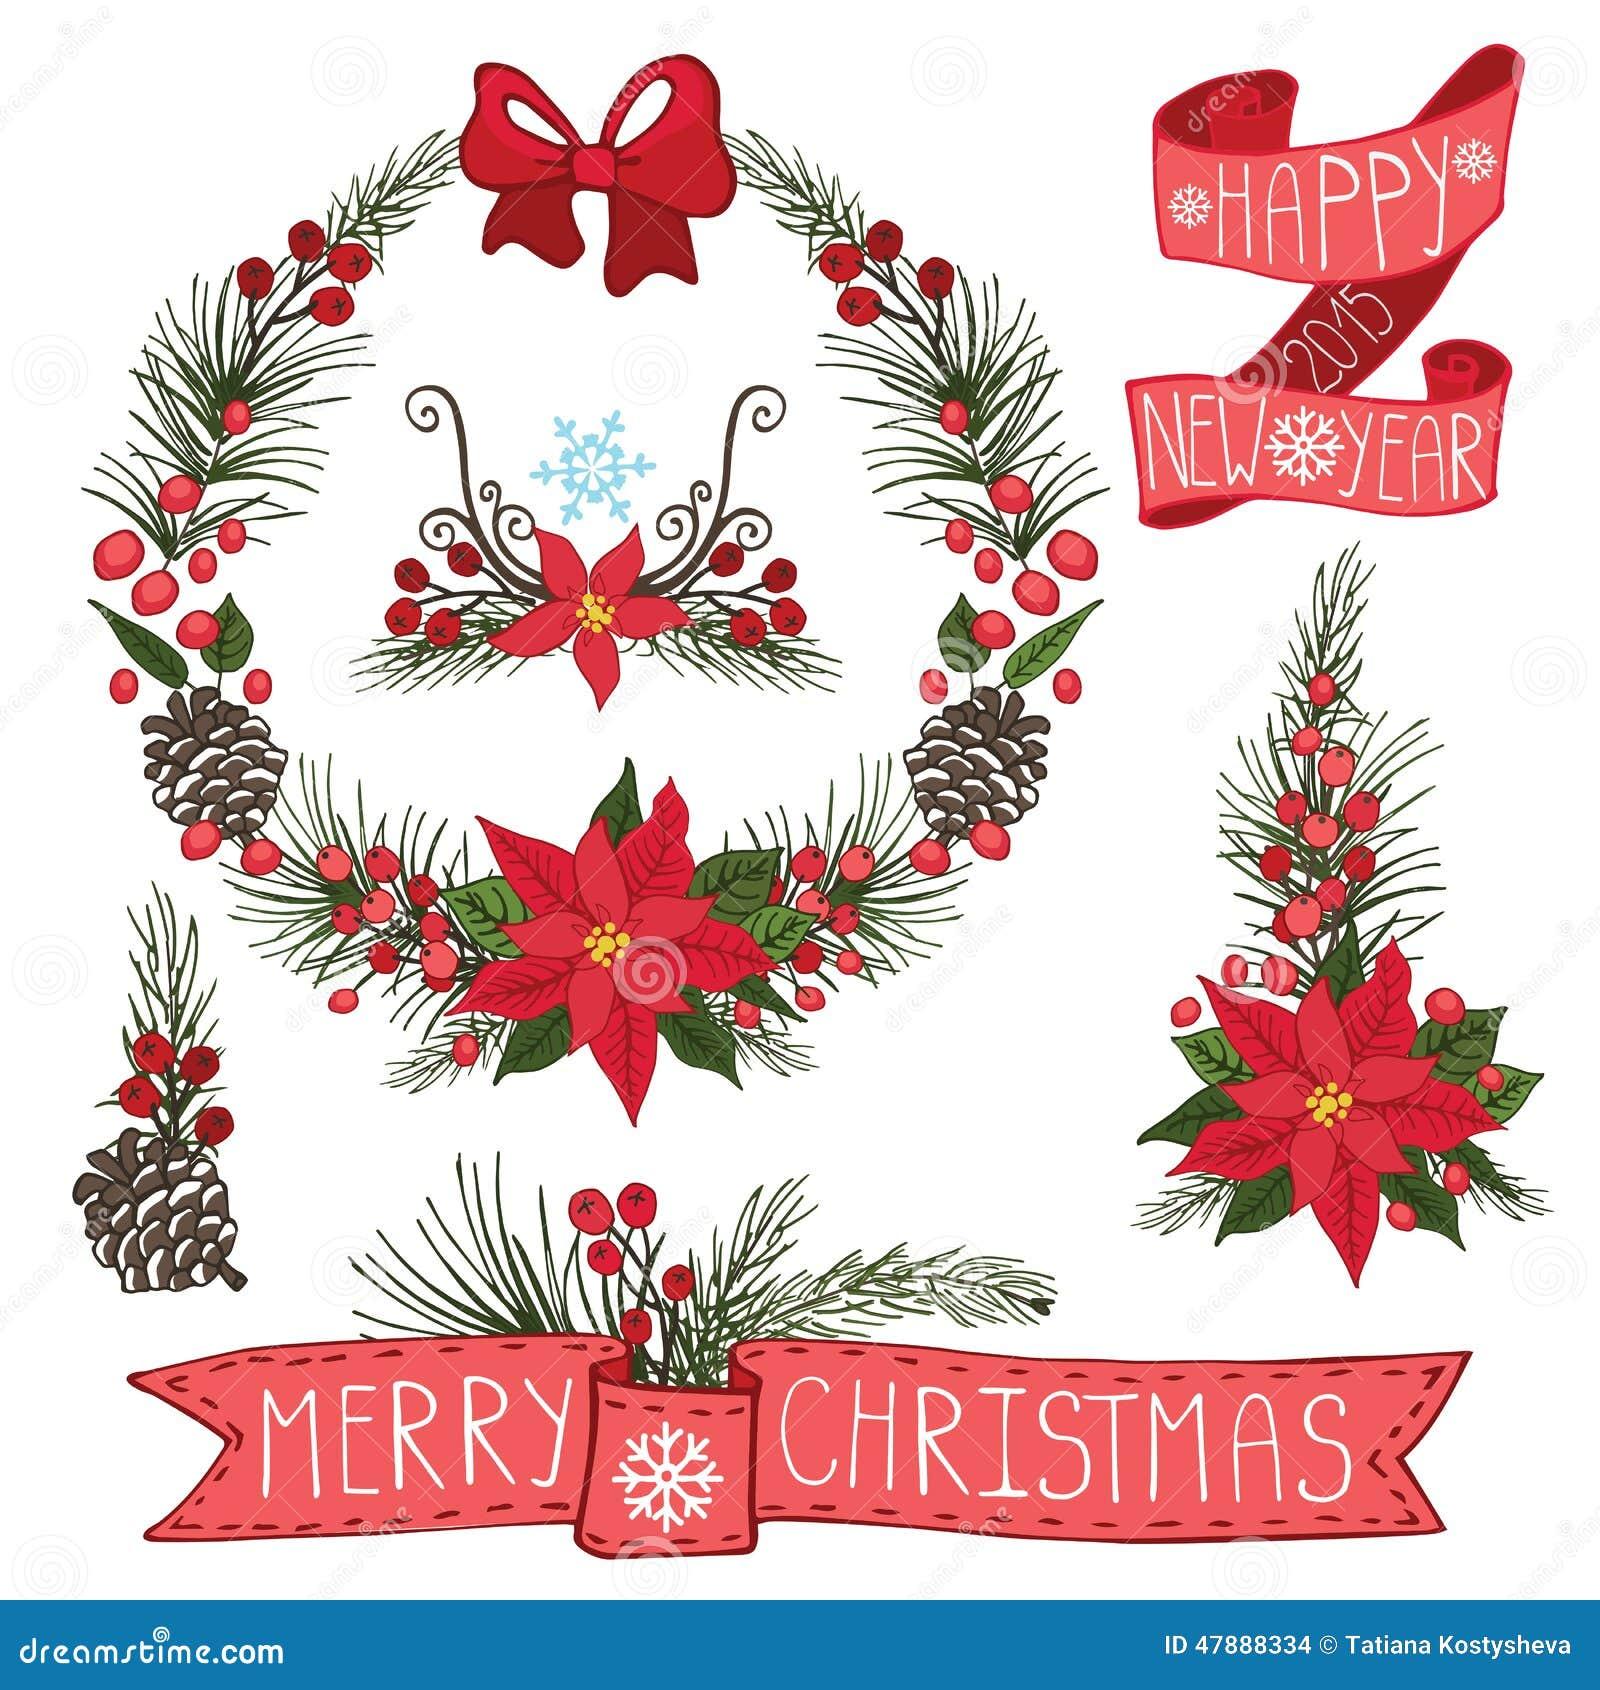 Joyeux no l guirlande de nouvelle ann e rubans groupe illustration de vecteur image 47888334 - Guirlande joyeux noel ...